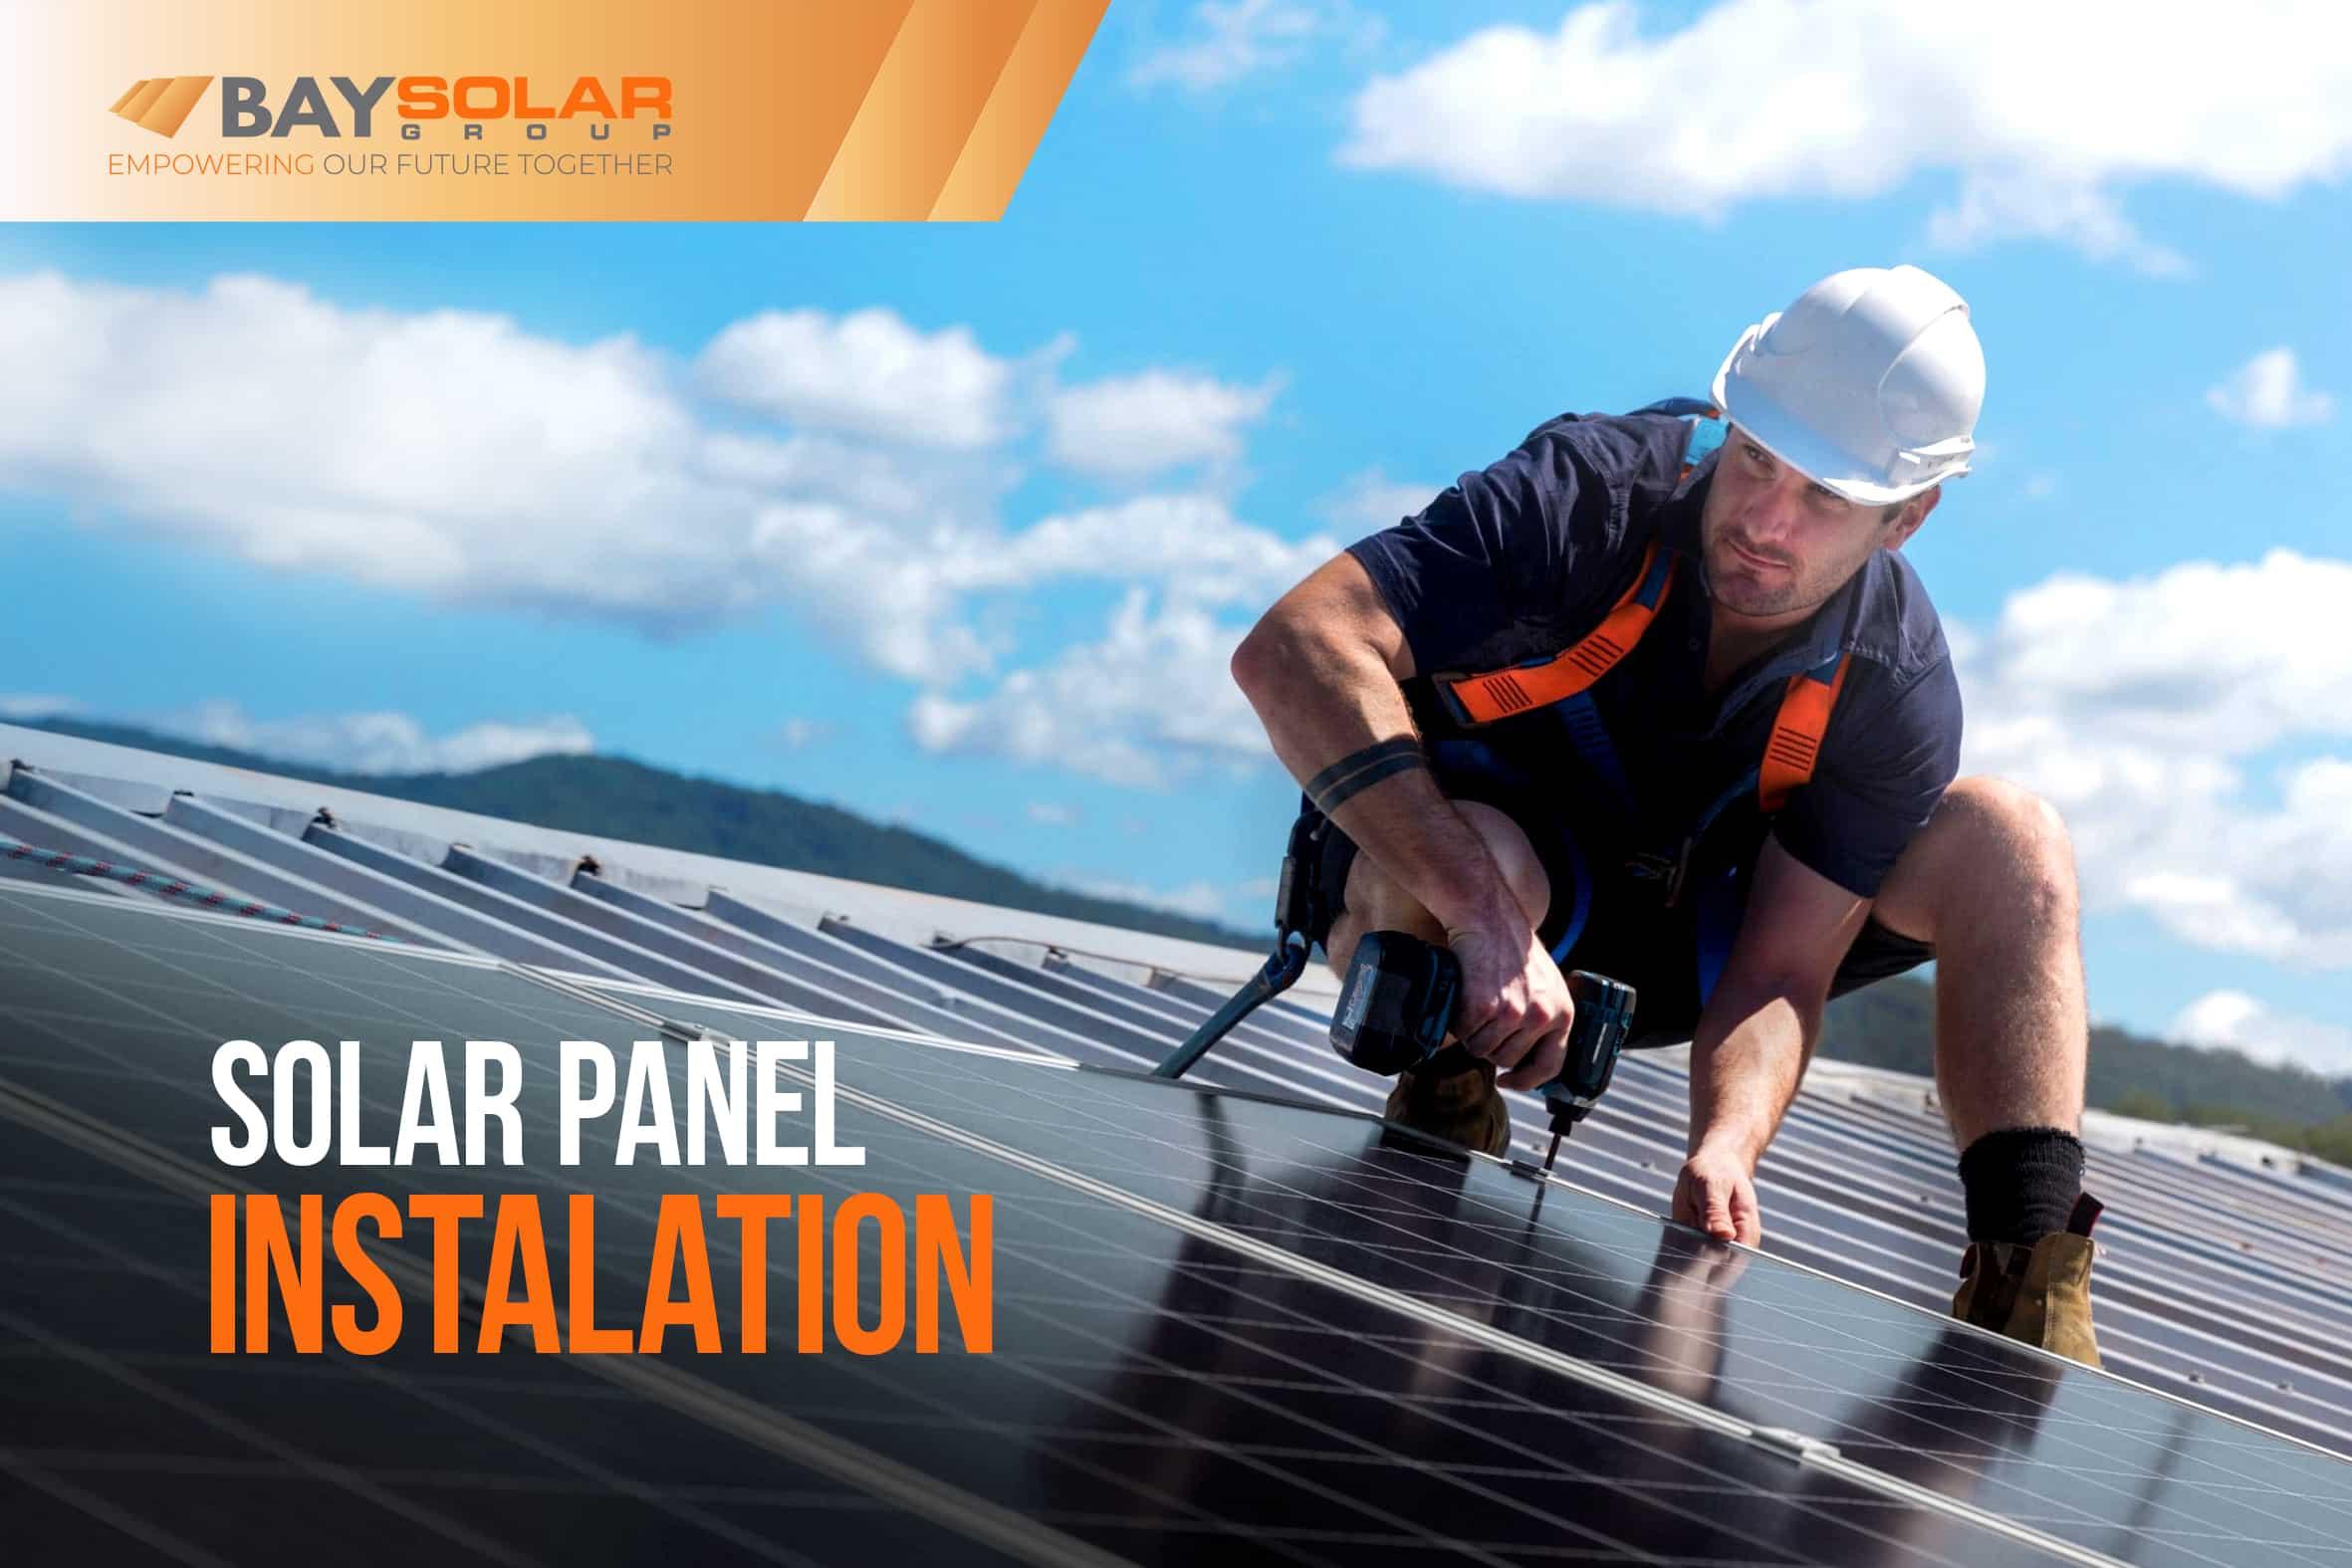 Solar-Panel-Installation-Bay